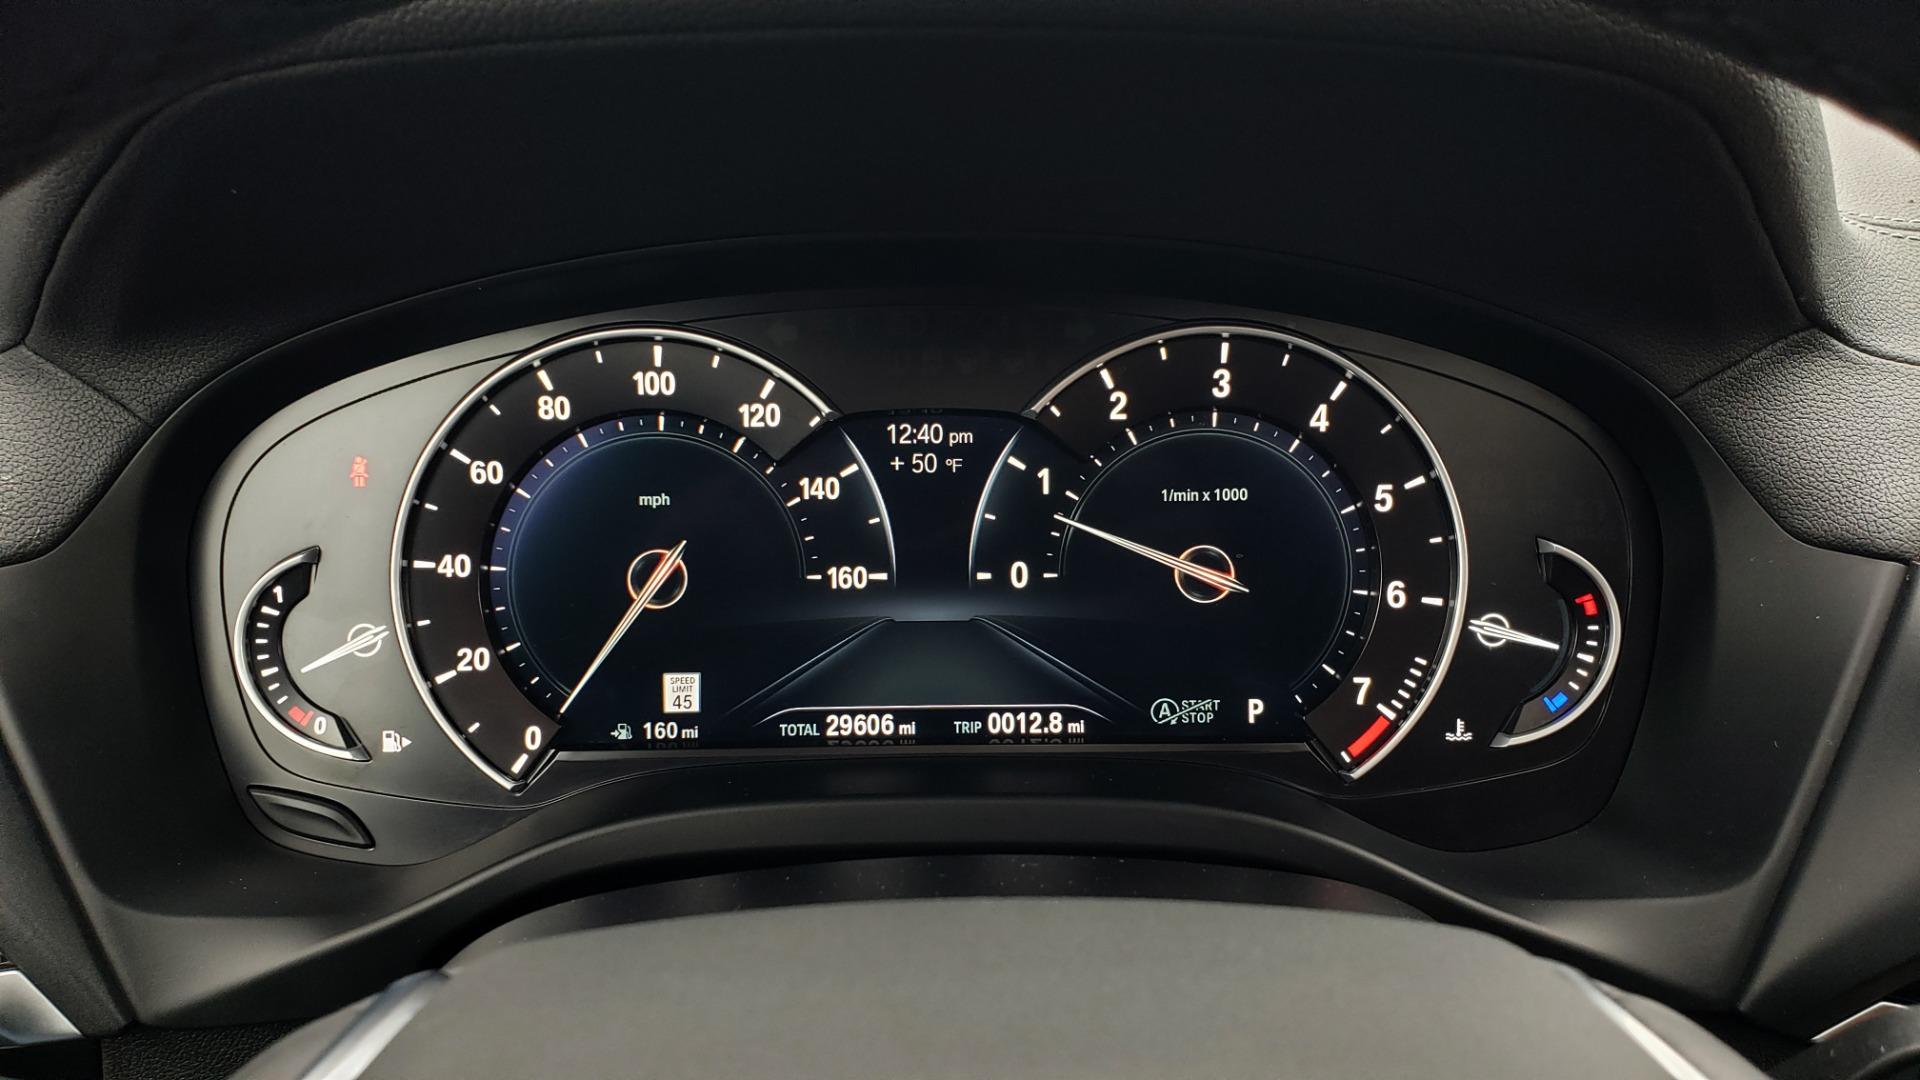 Used 2018 BMW X3 XDRIVE30I / LUX PKG / PREM PKG / CONV PKG / PDC / APPLE CARPLAY for sale Sold at Formula Imports in Charlotte NC 28227 44